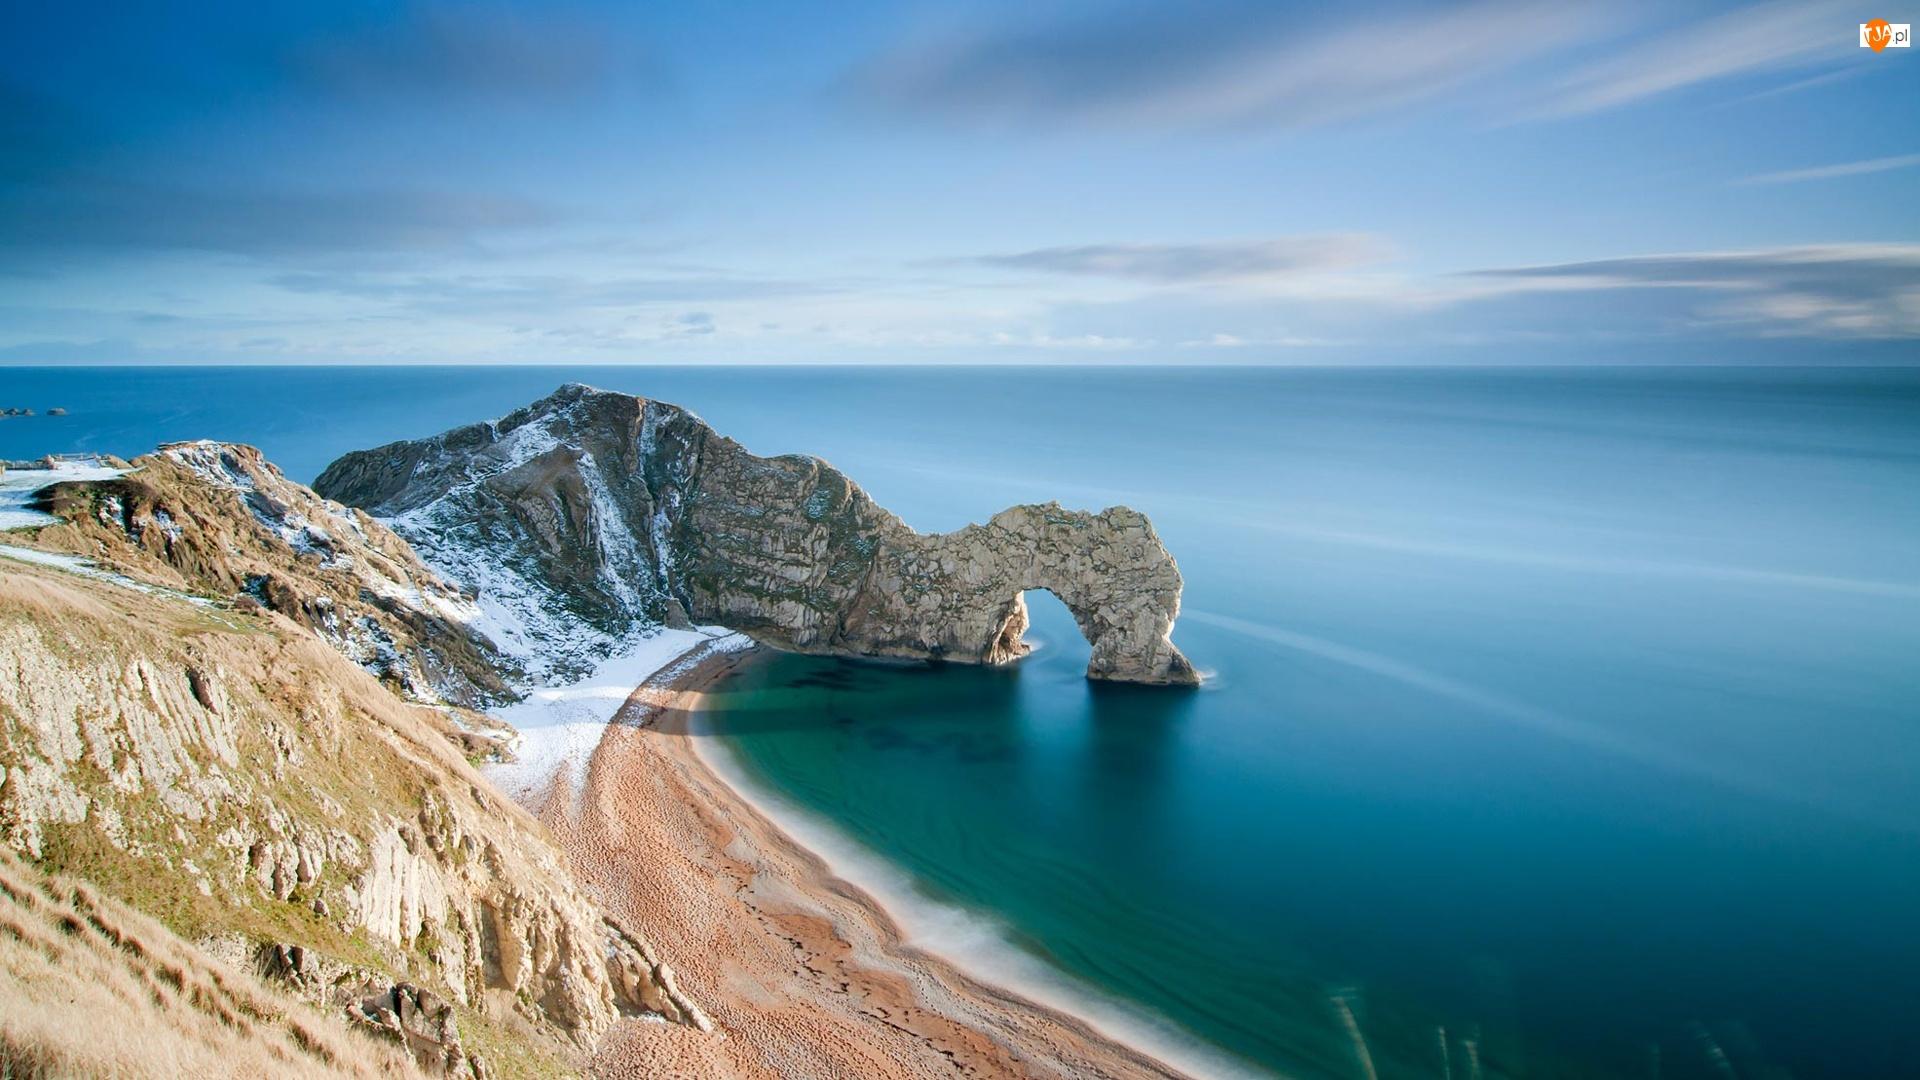 Wybrzeże Jurajskie, Skała, Anglia, Łuk wapienny Durdle Door, Hrabstwo Dorse, Morze